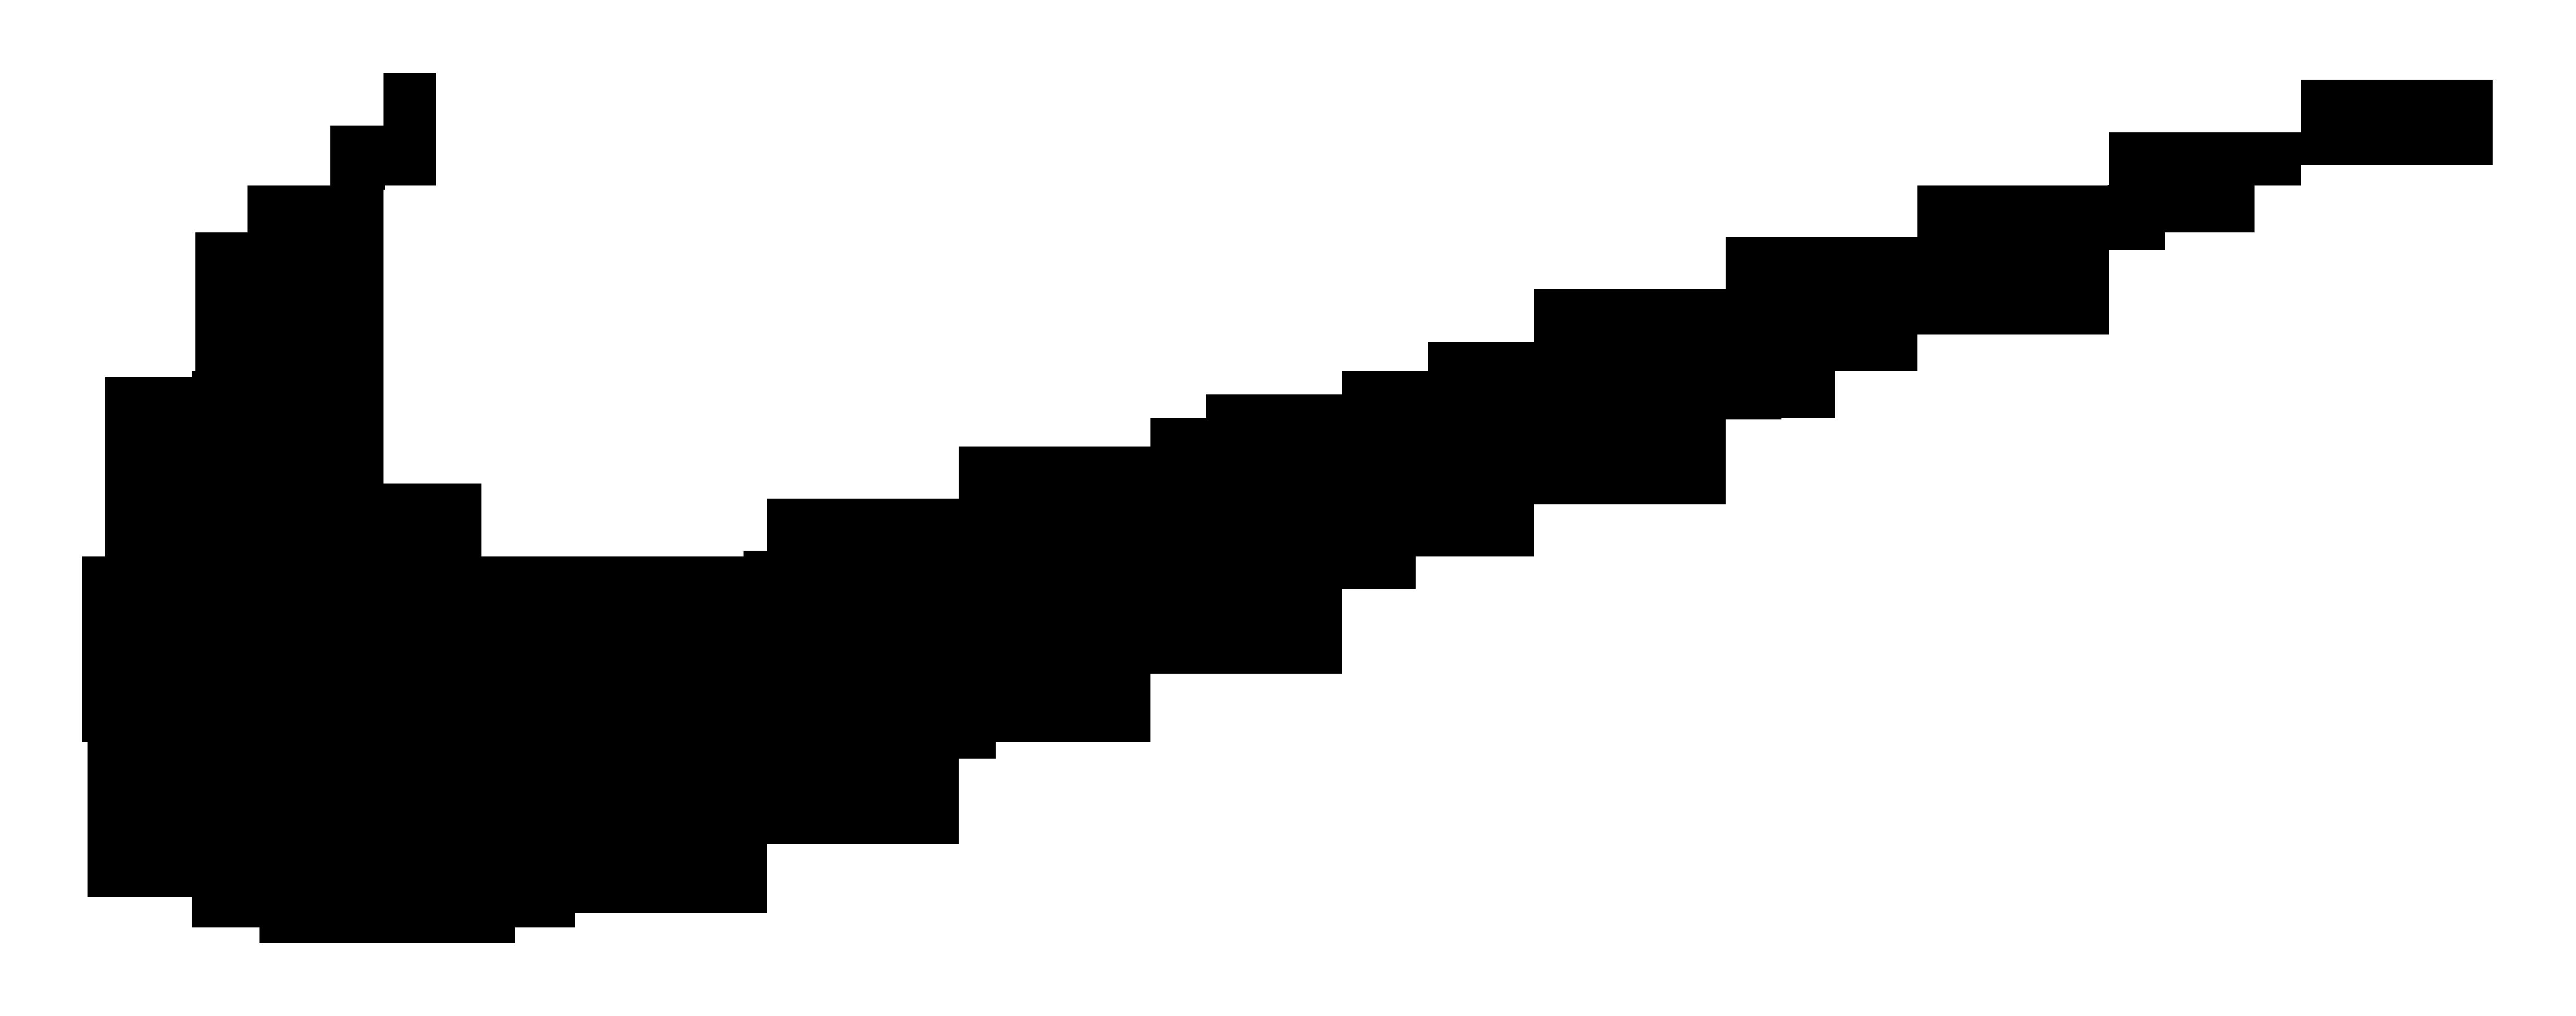 Nike Logo PNG Image - PurePNG | Free transparent CC0 PNG ...